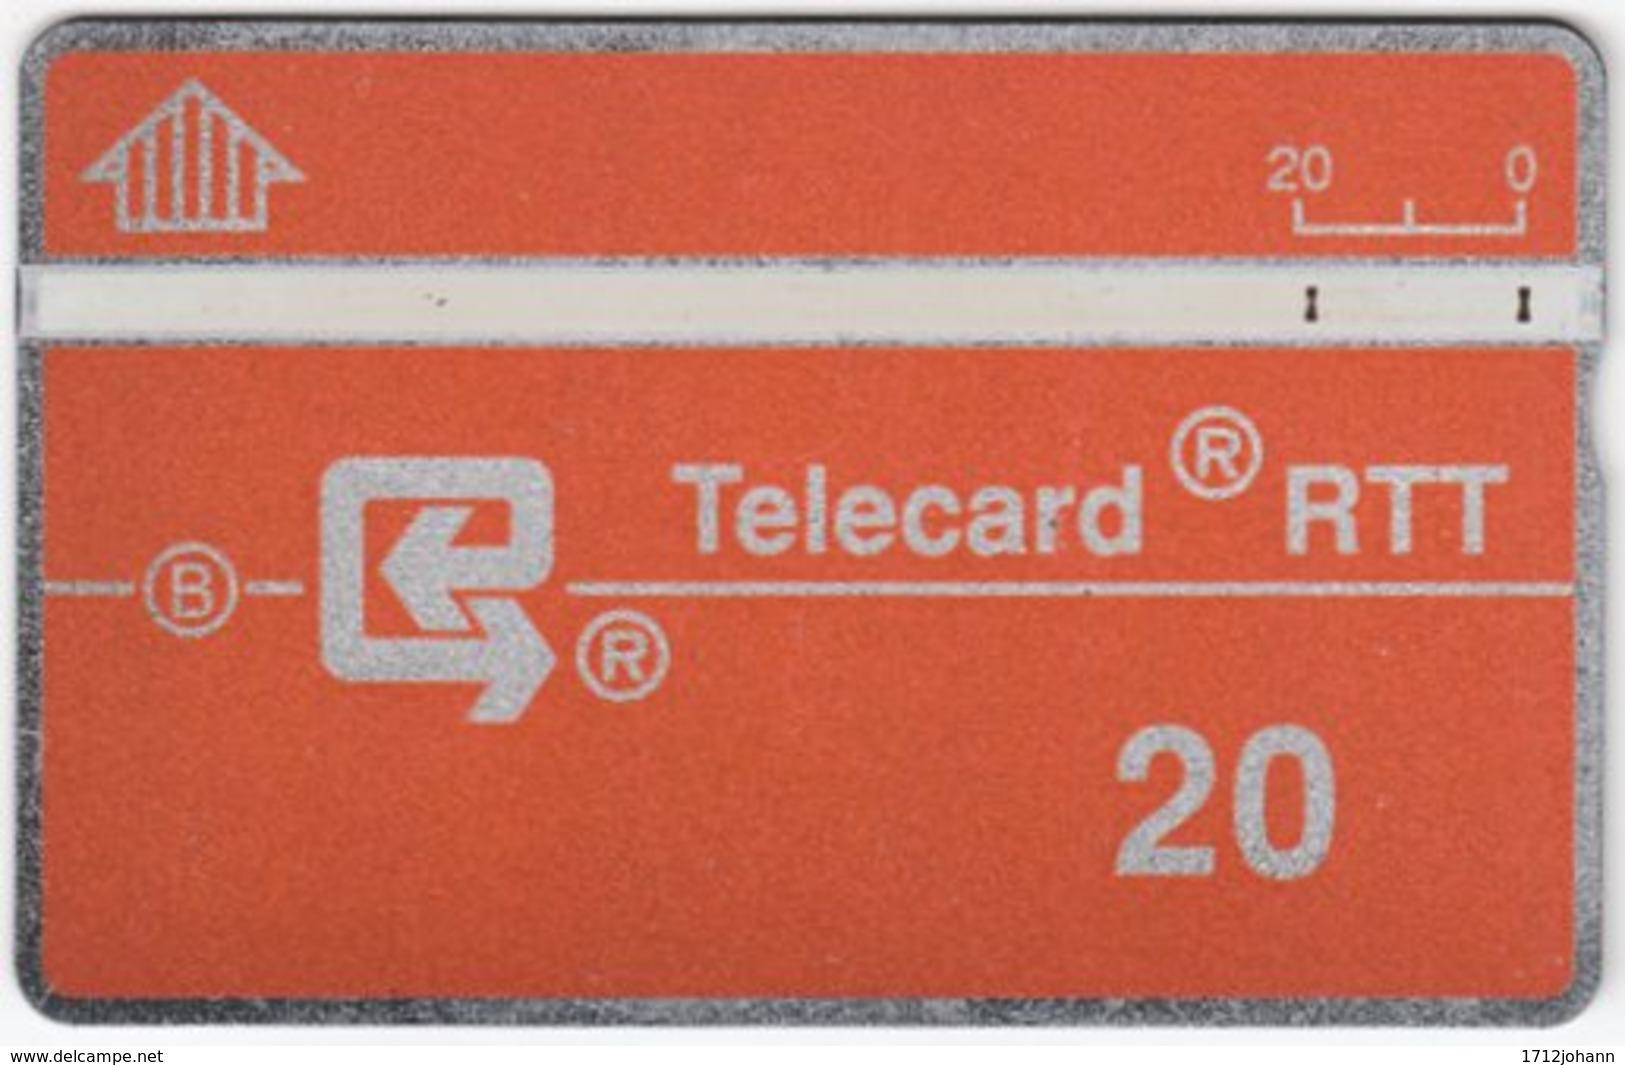 BELGIUM B-421 Hologram Belgacom - 101E - Used - Ohne Chip